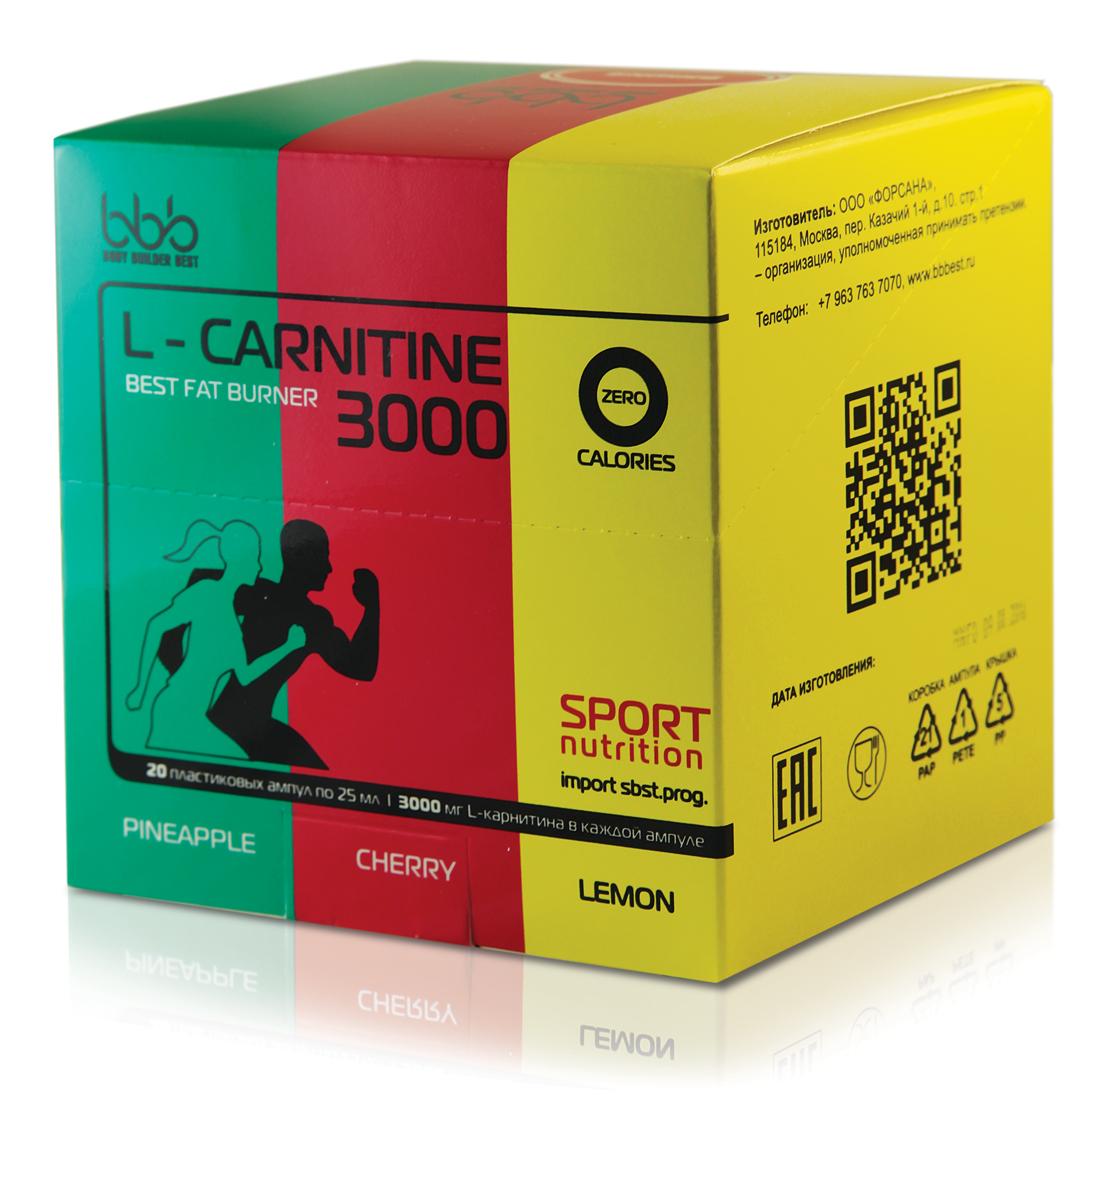 Карнитин bbb L-Carnitine 3000, микс, 20 ампул l карнитин qnt 3000 25 мл 20 ампул